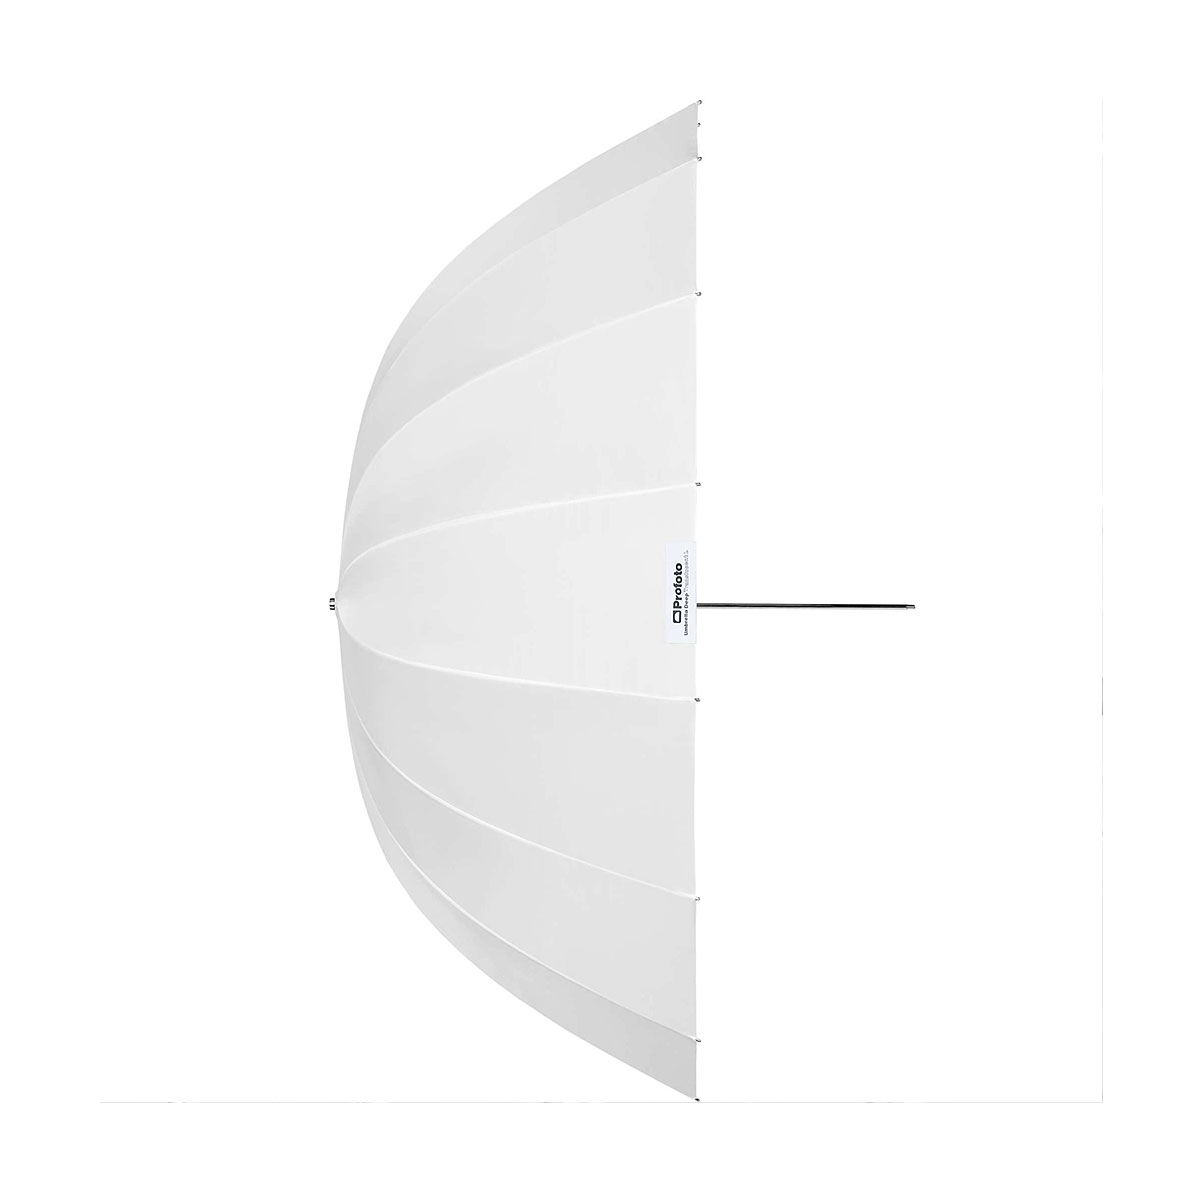 Profoto Deep Translucent Umbrella L